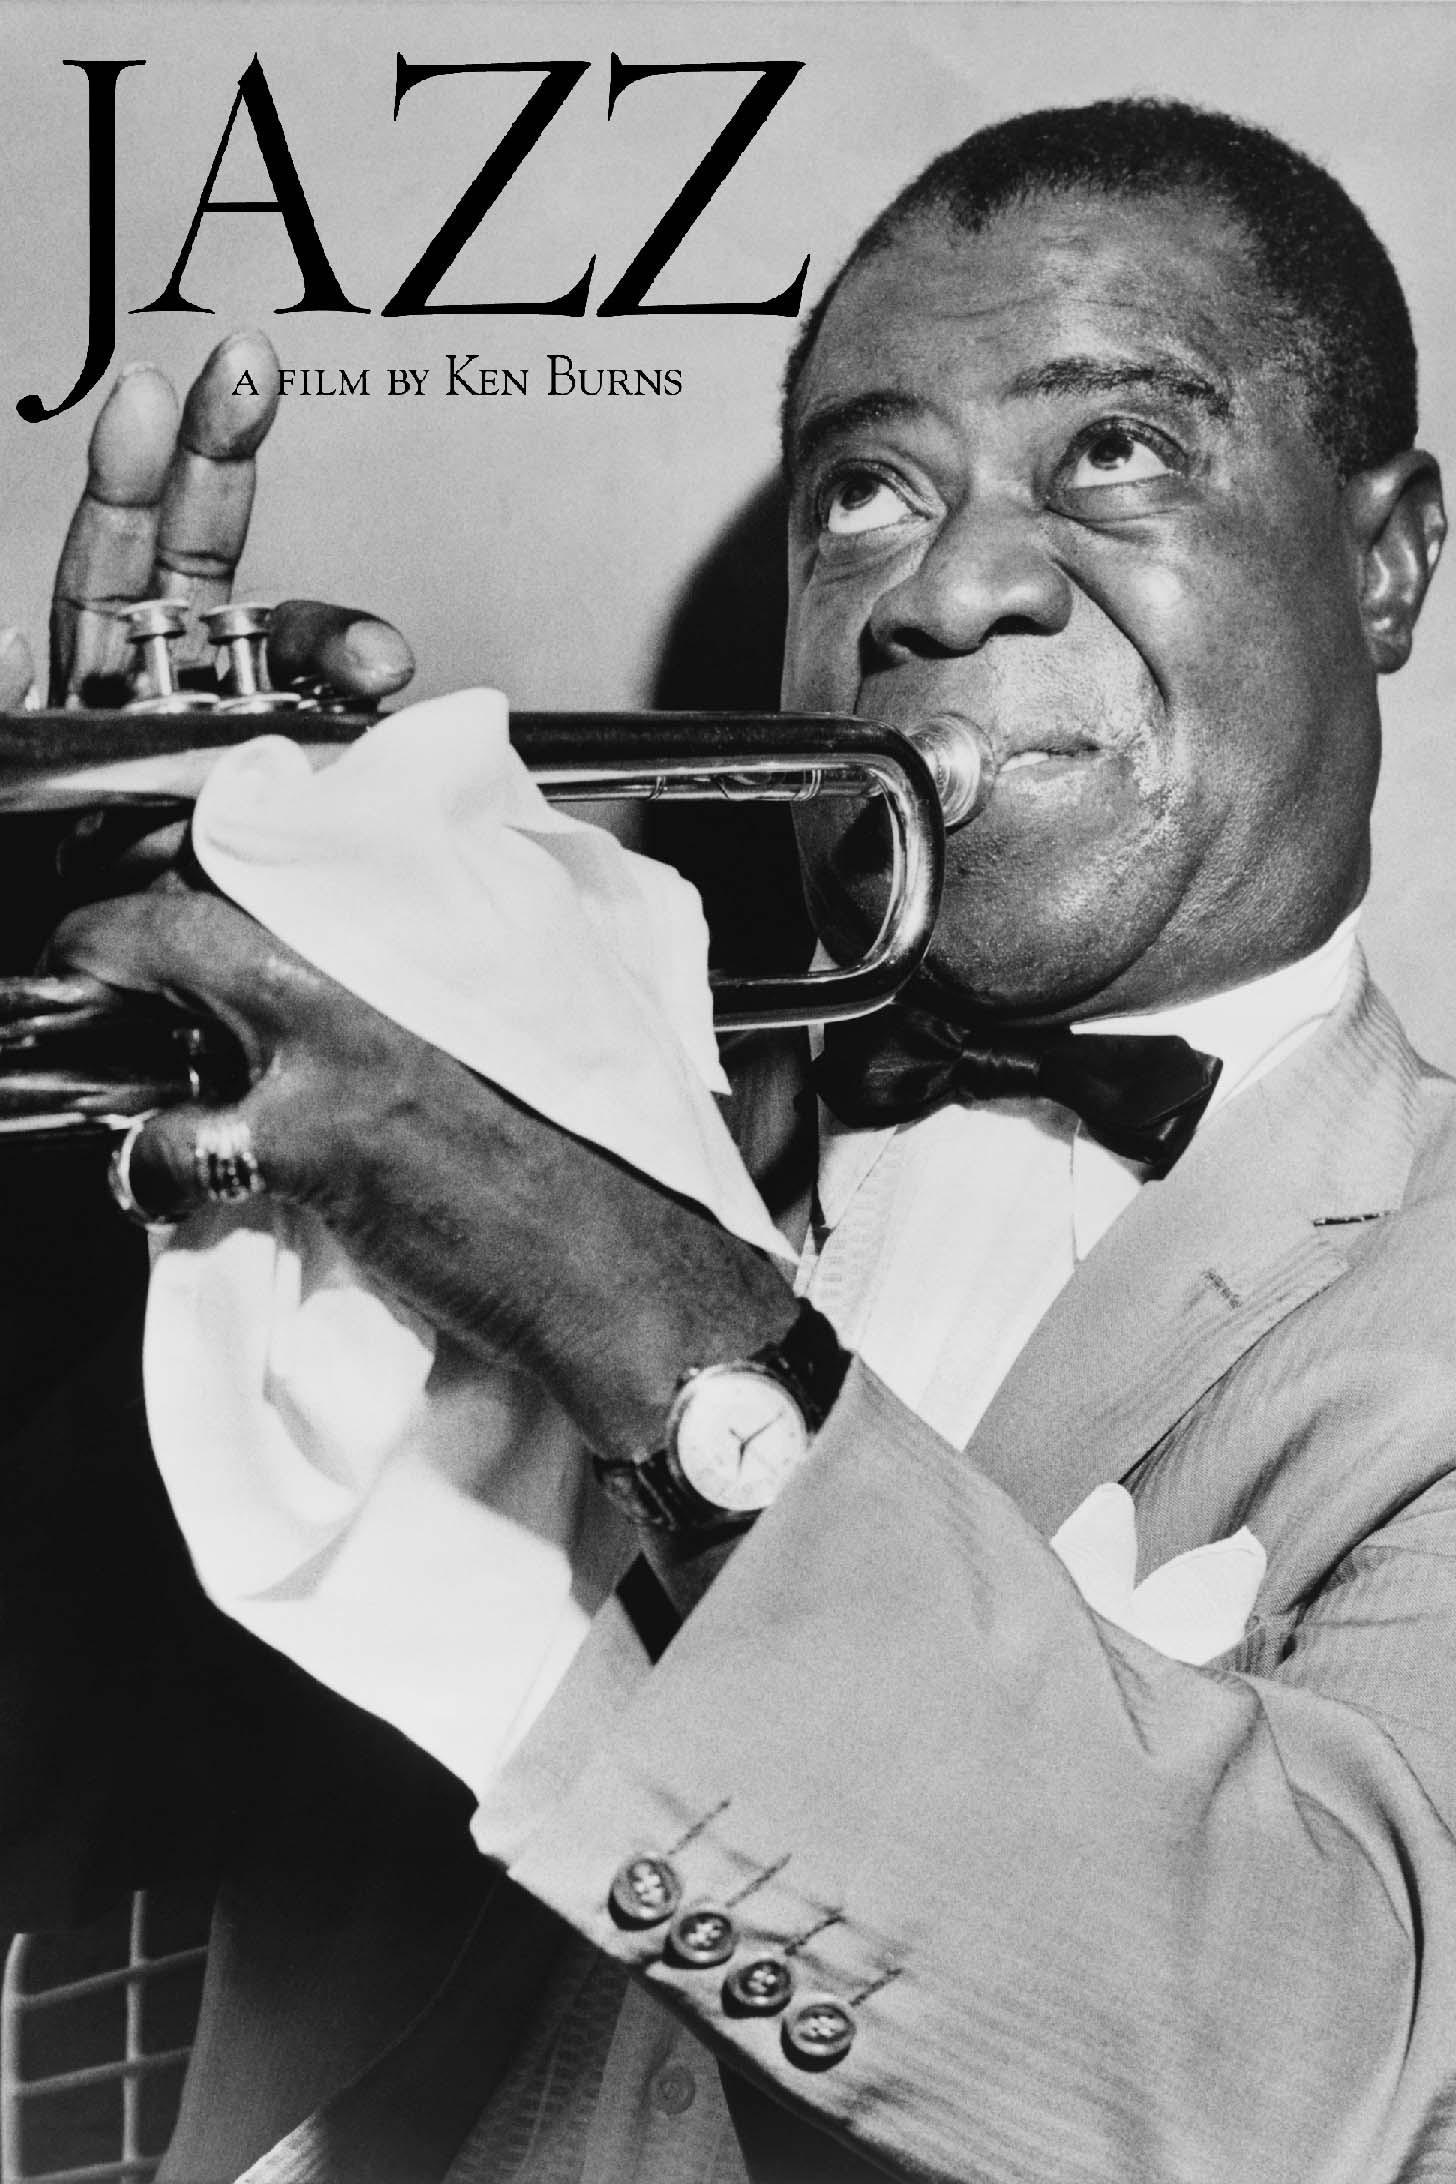 Jazz A Film By Ken Burns